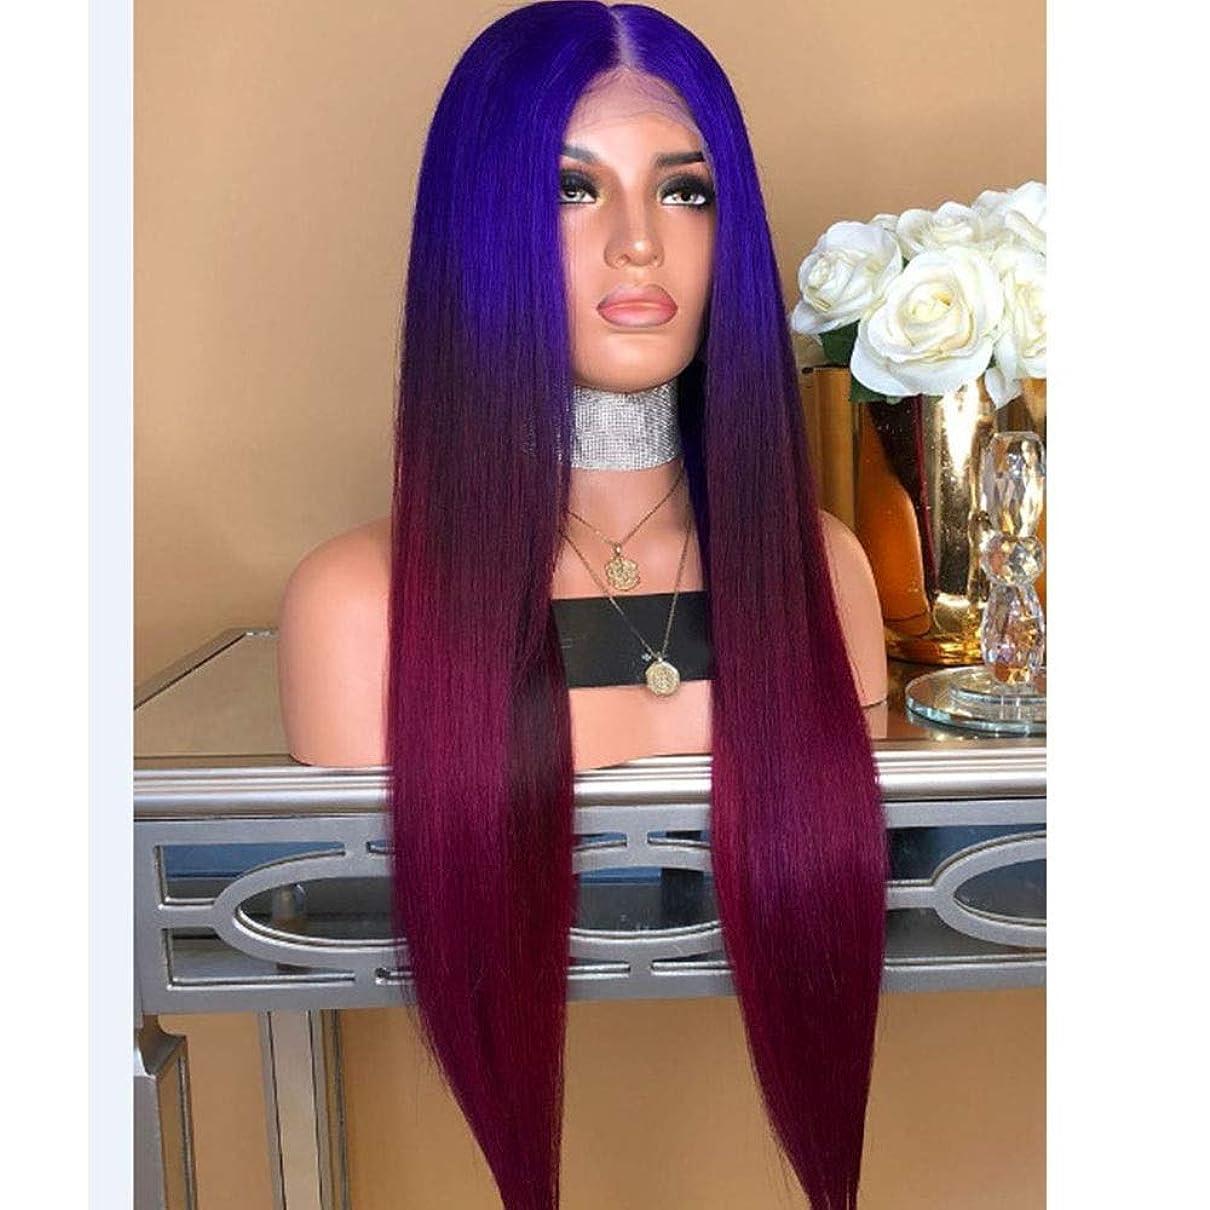 生産的脊椎シャックルBOBIDYEE 女性のミディアムストレートヘア三色グラデーションウィッグ耐熱ミドルウィッグ女性のための合成ヘアレースウィッグロールプレイングかつら (色 : Photo Color)